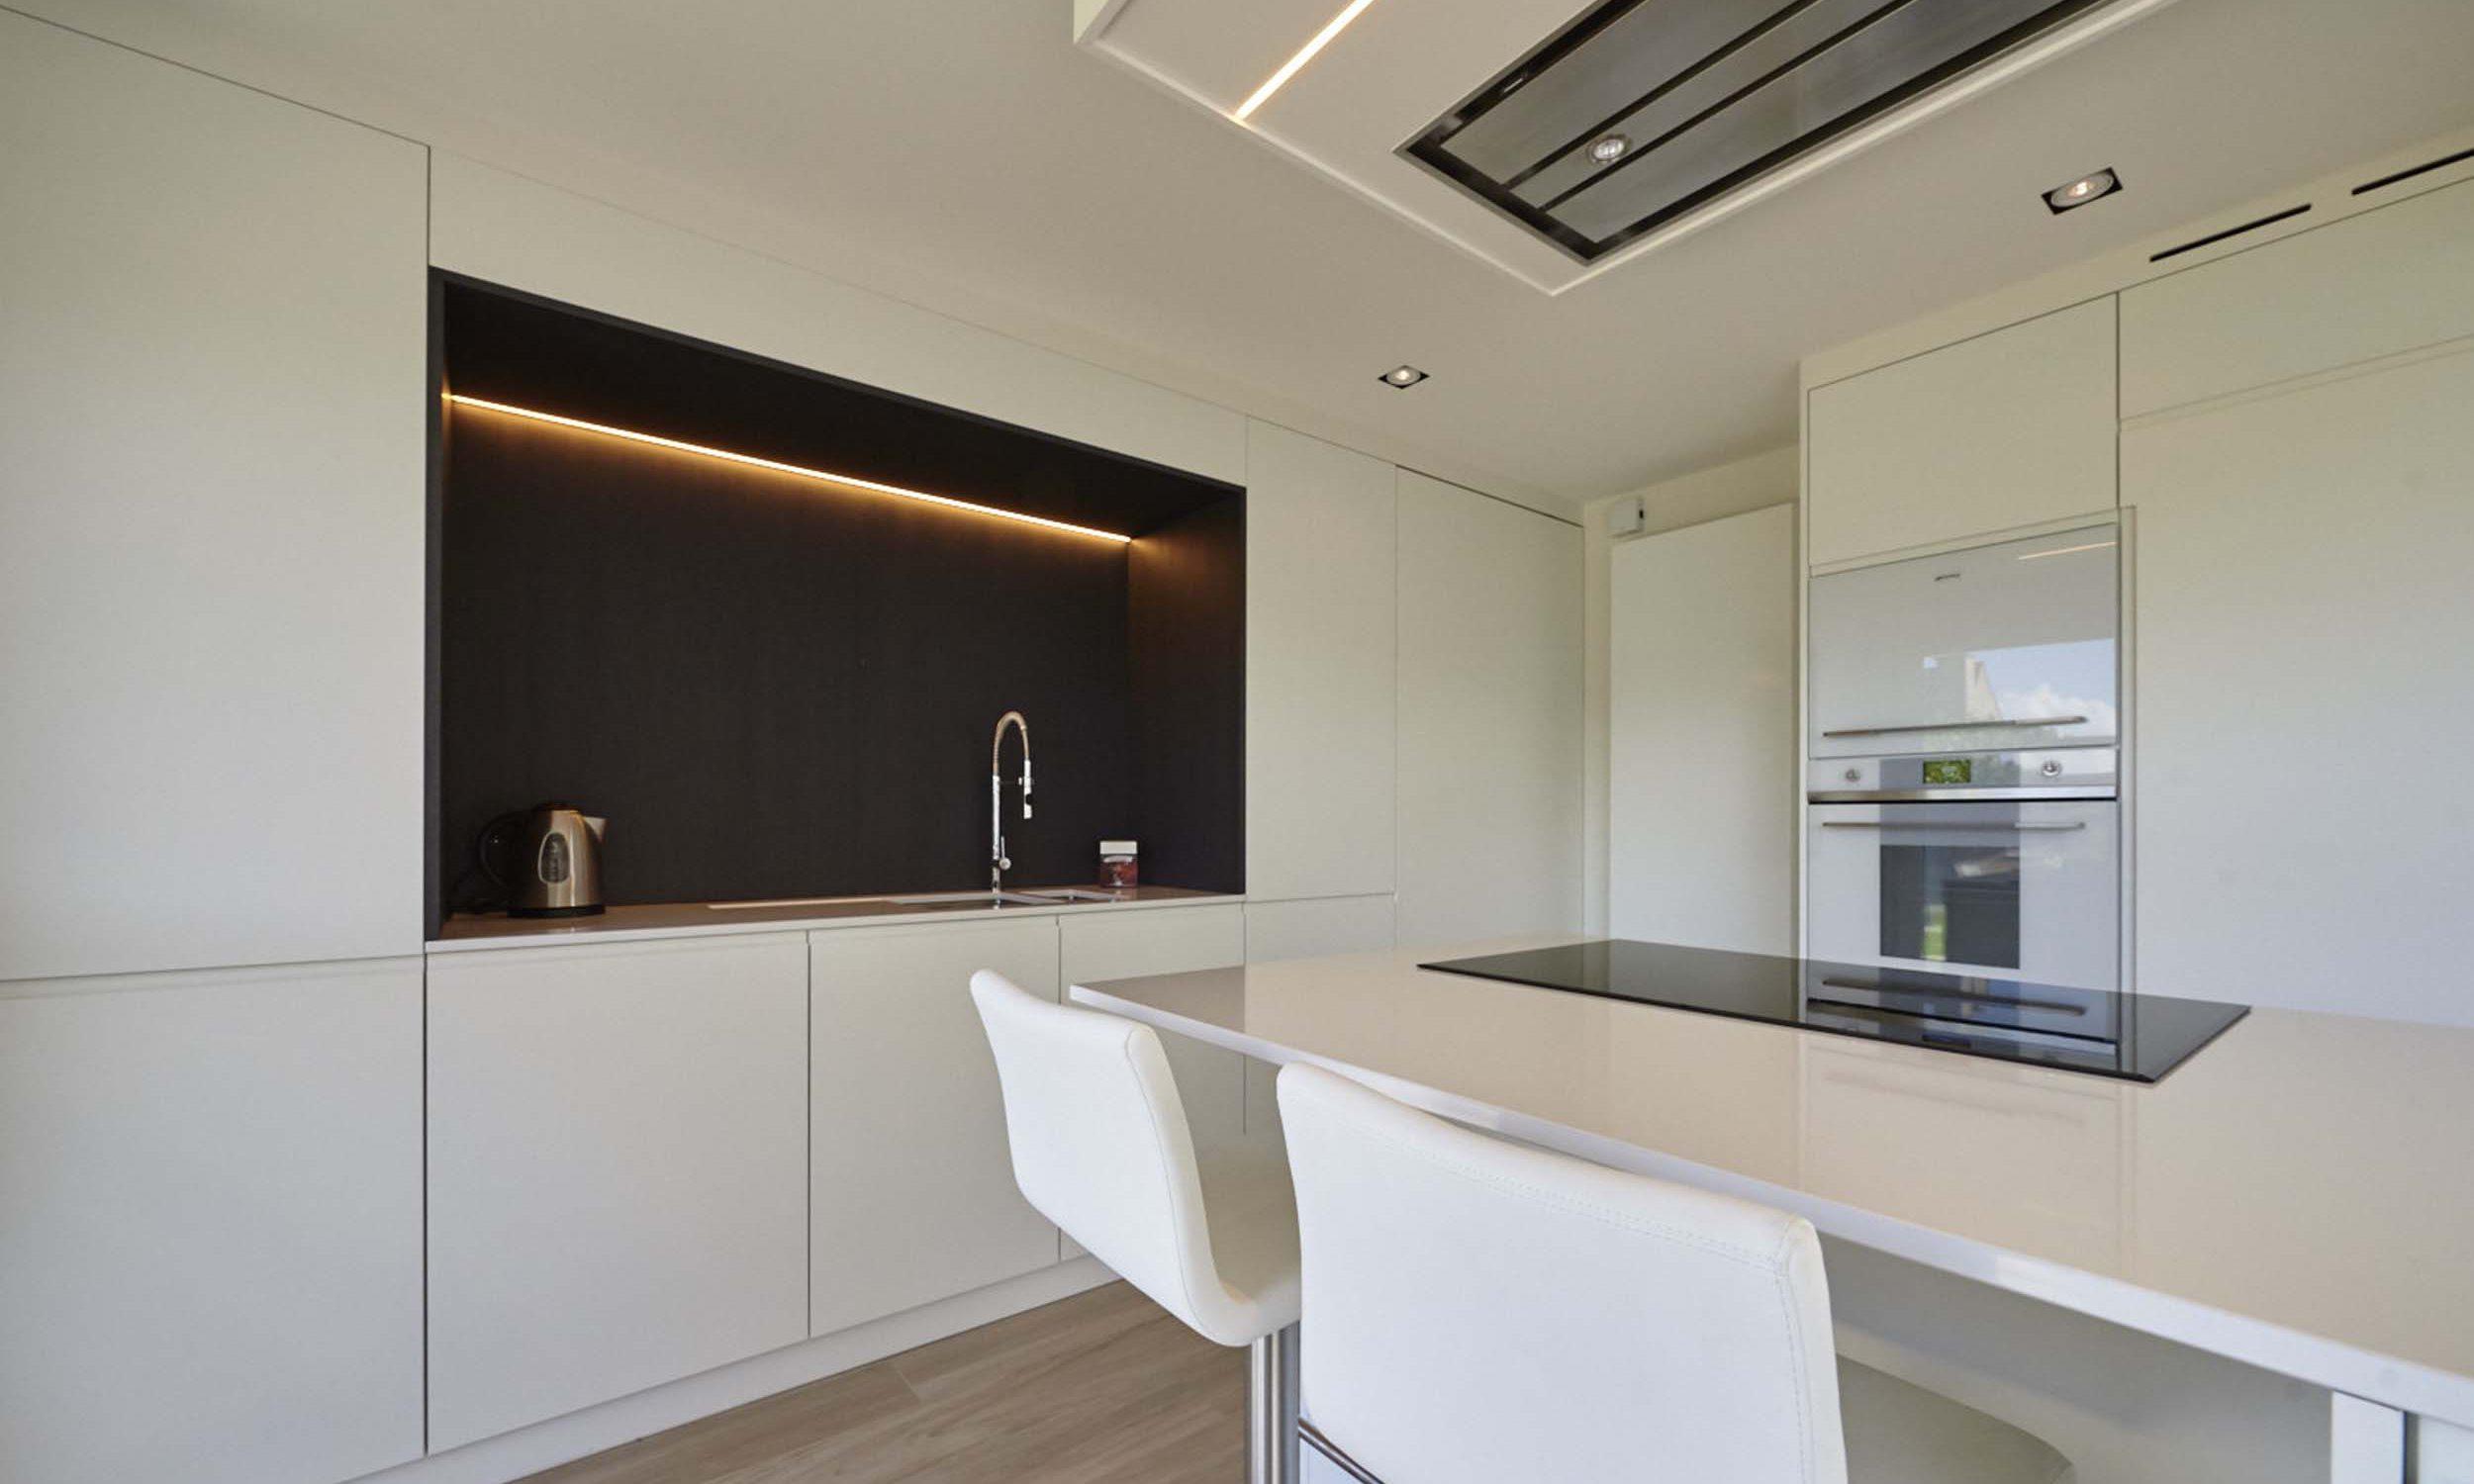 Vanda-projects-interieurinrichting-meubelmakerij-oost-vlaanderen-mortier-keukenlicht